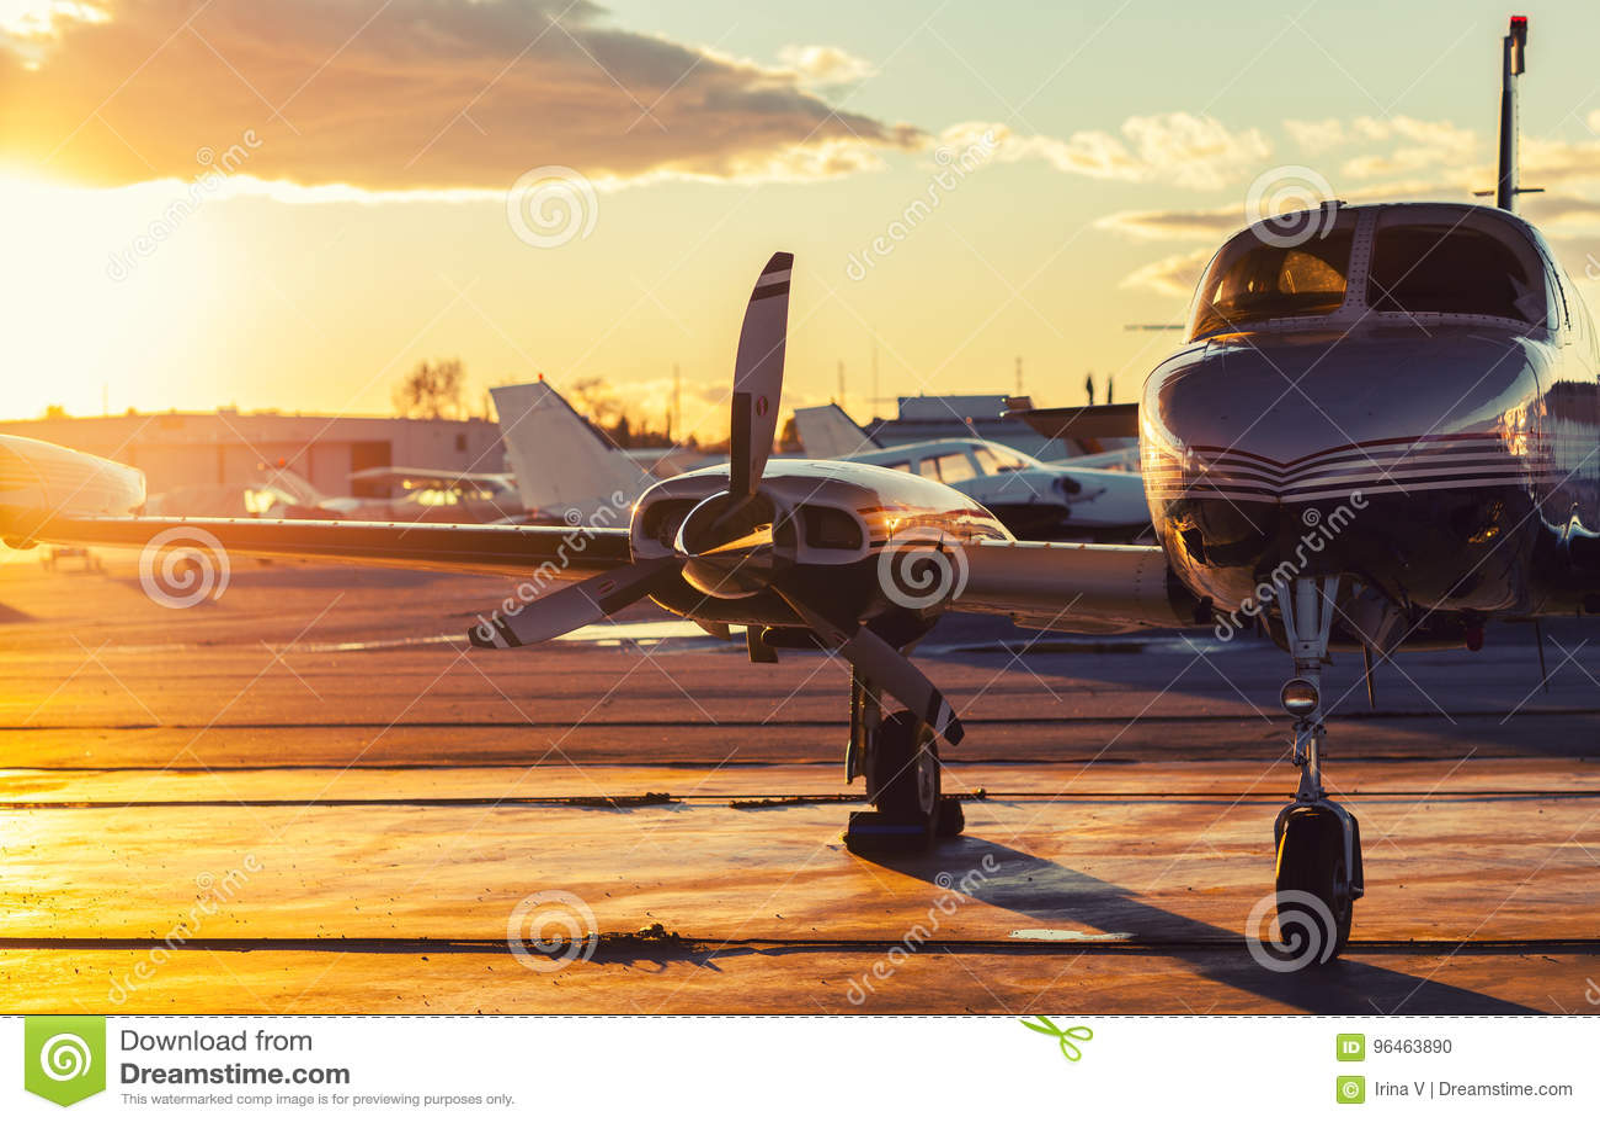 小航空:私人喷气式飞机在美丽的柏油碎石地面停放